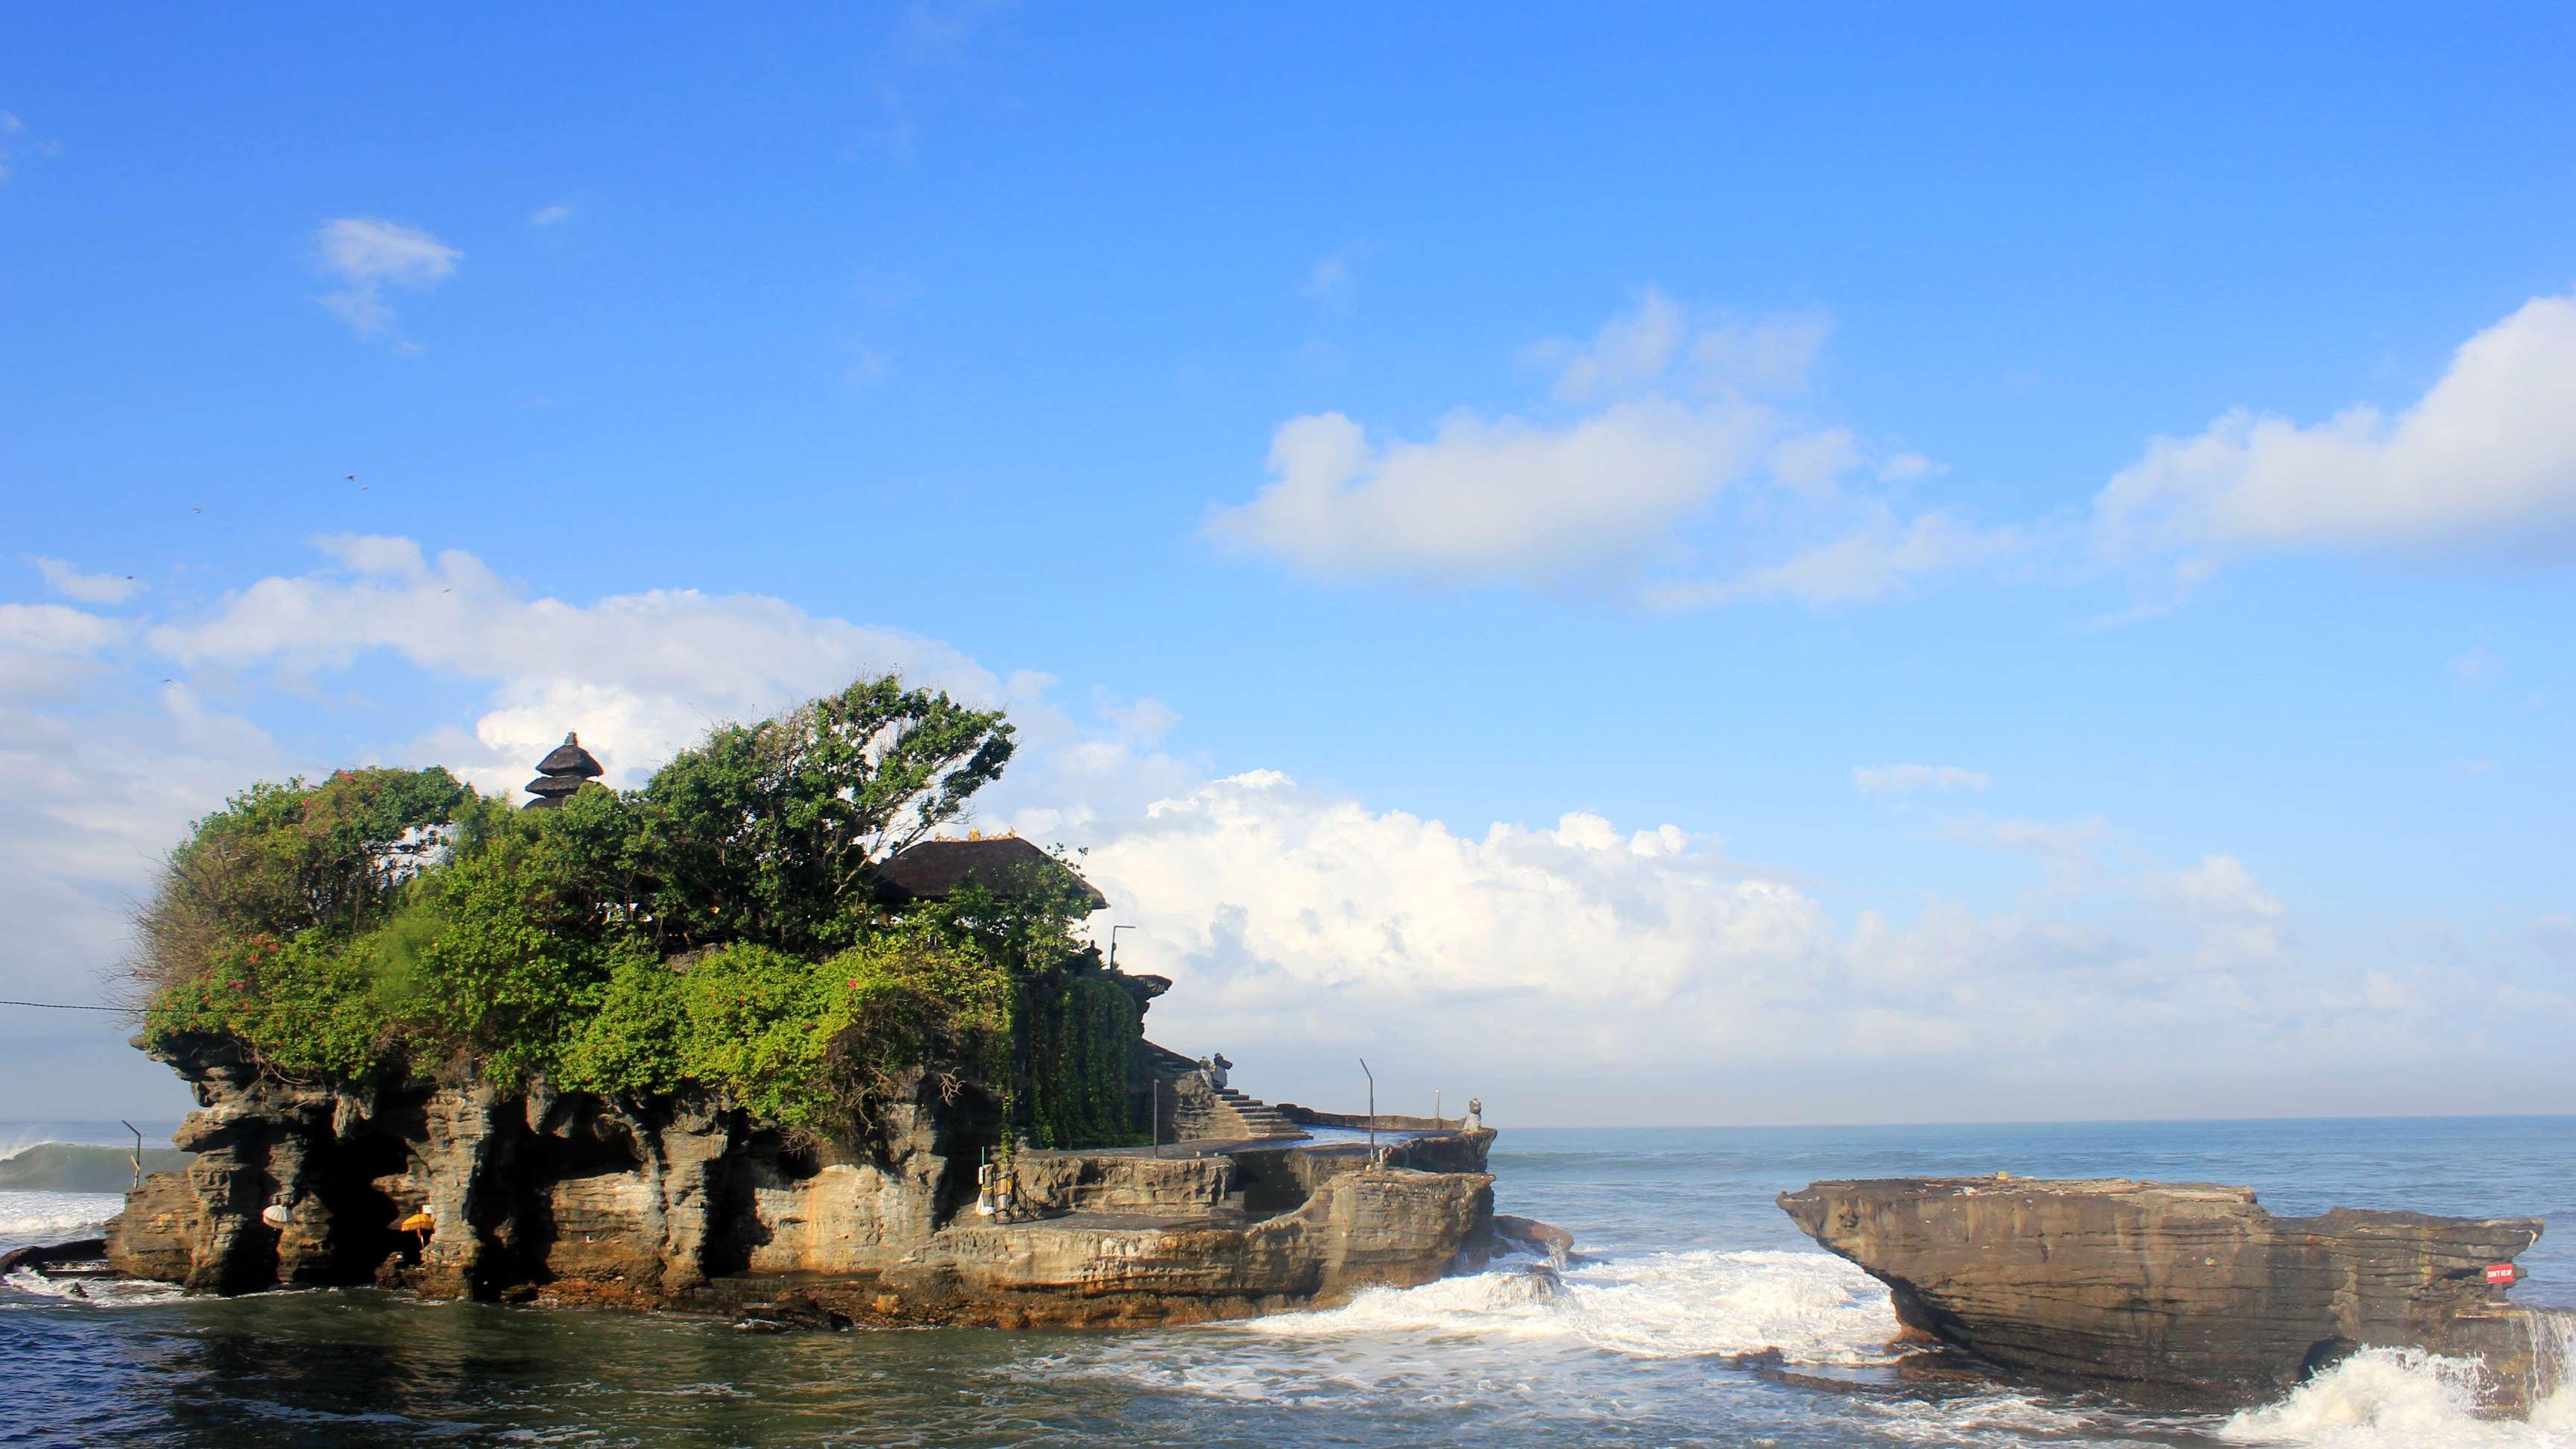 3456x1944 Bali, đảo Bali, bờ biển, Budha, Tanah lot Hình nền HD Hình nền máy tính để bàn